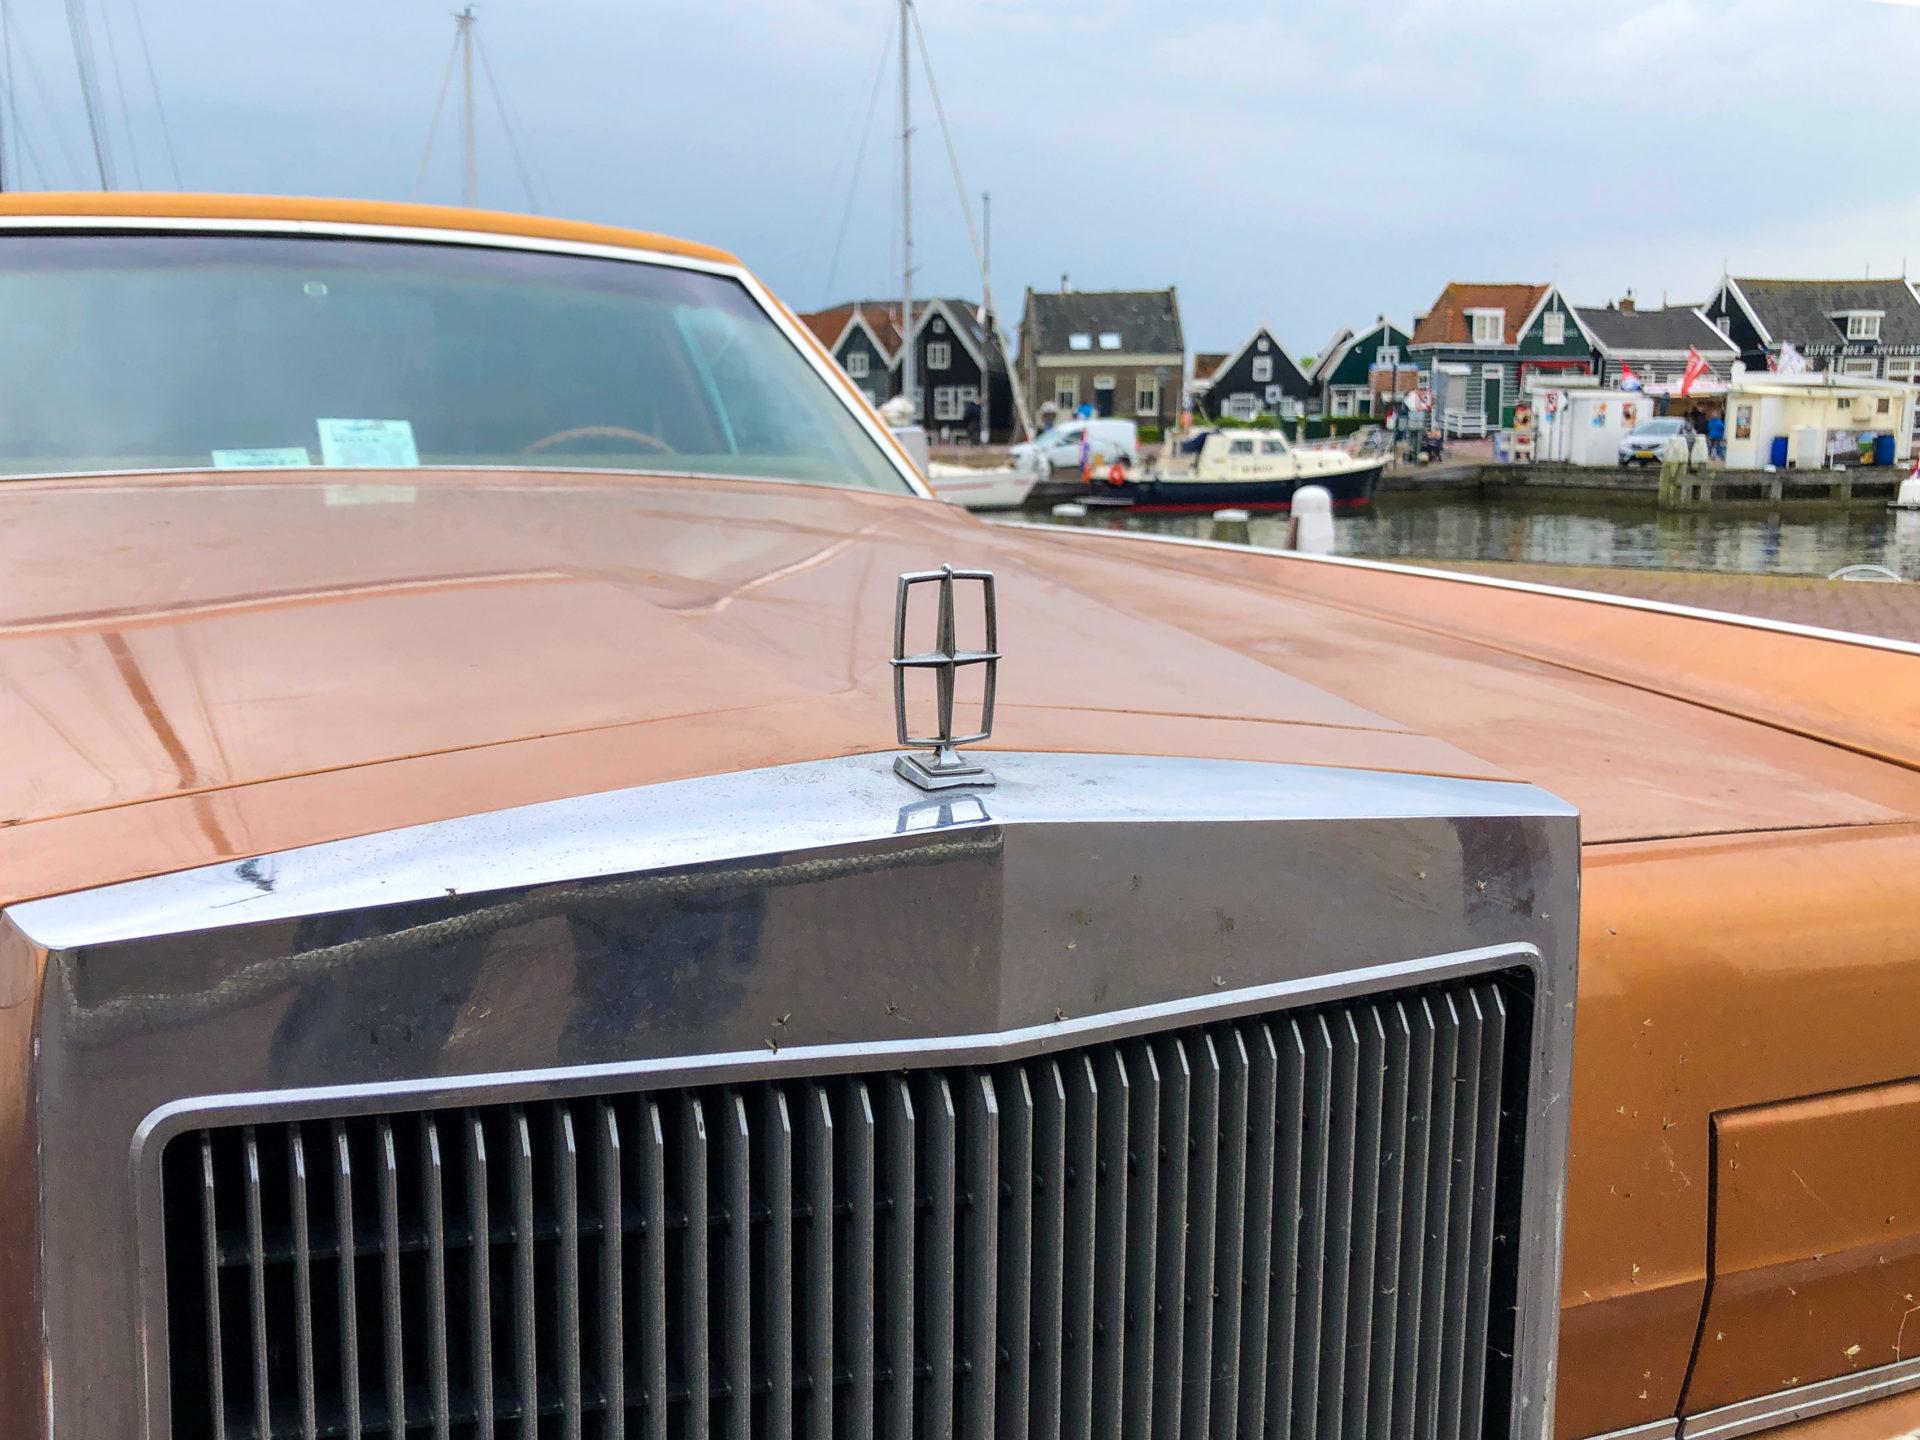 Kühlergrill eines amerikanischen Straßenkreuzers am Hafen von Marken in Holland